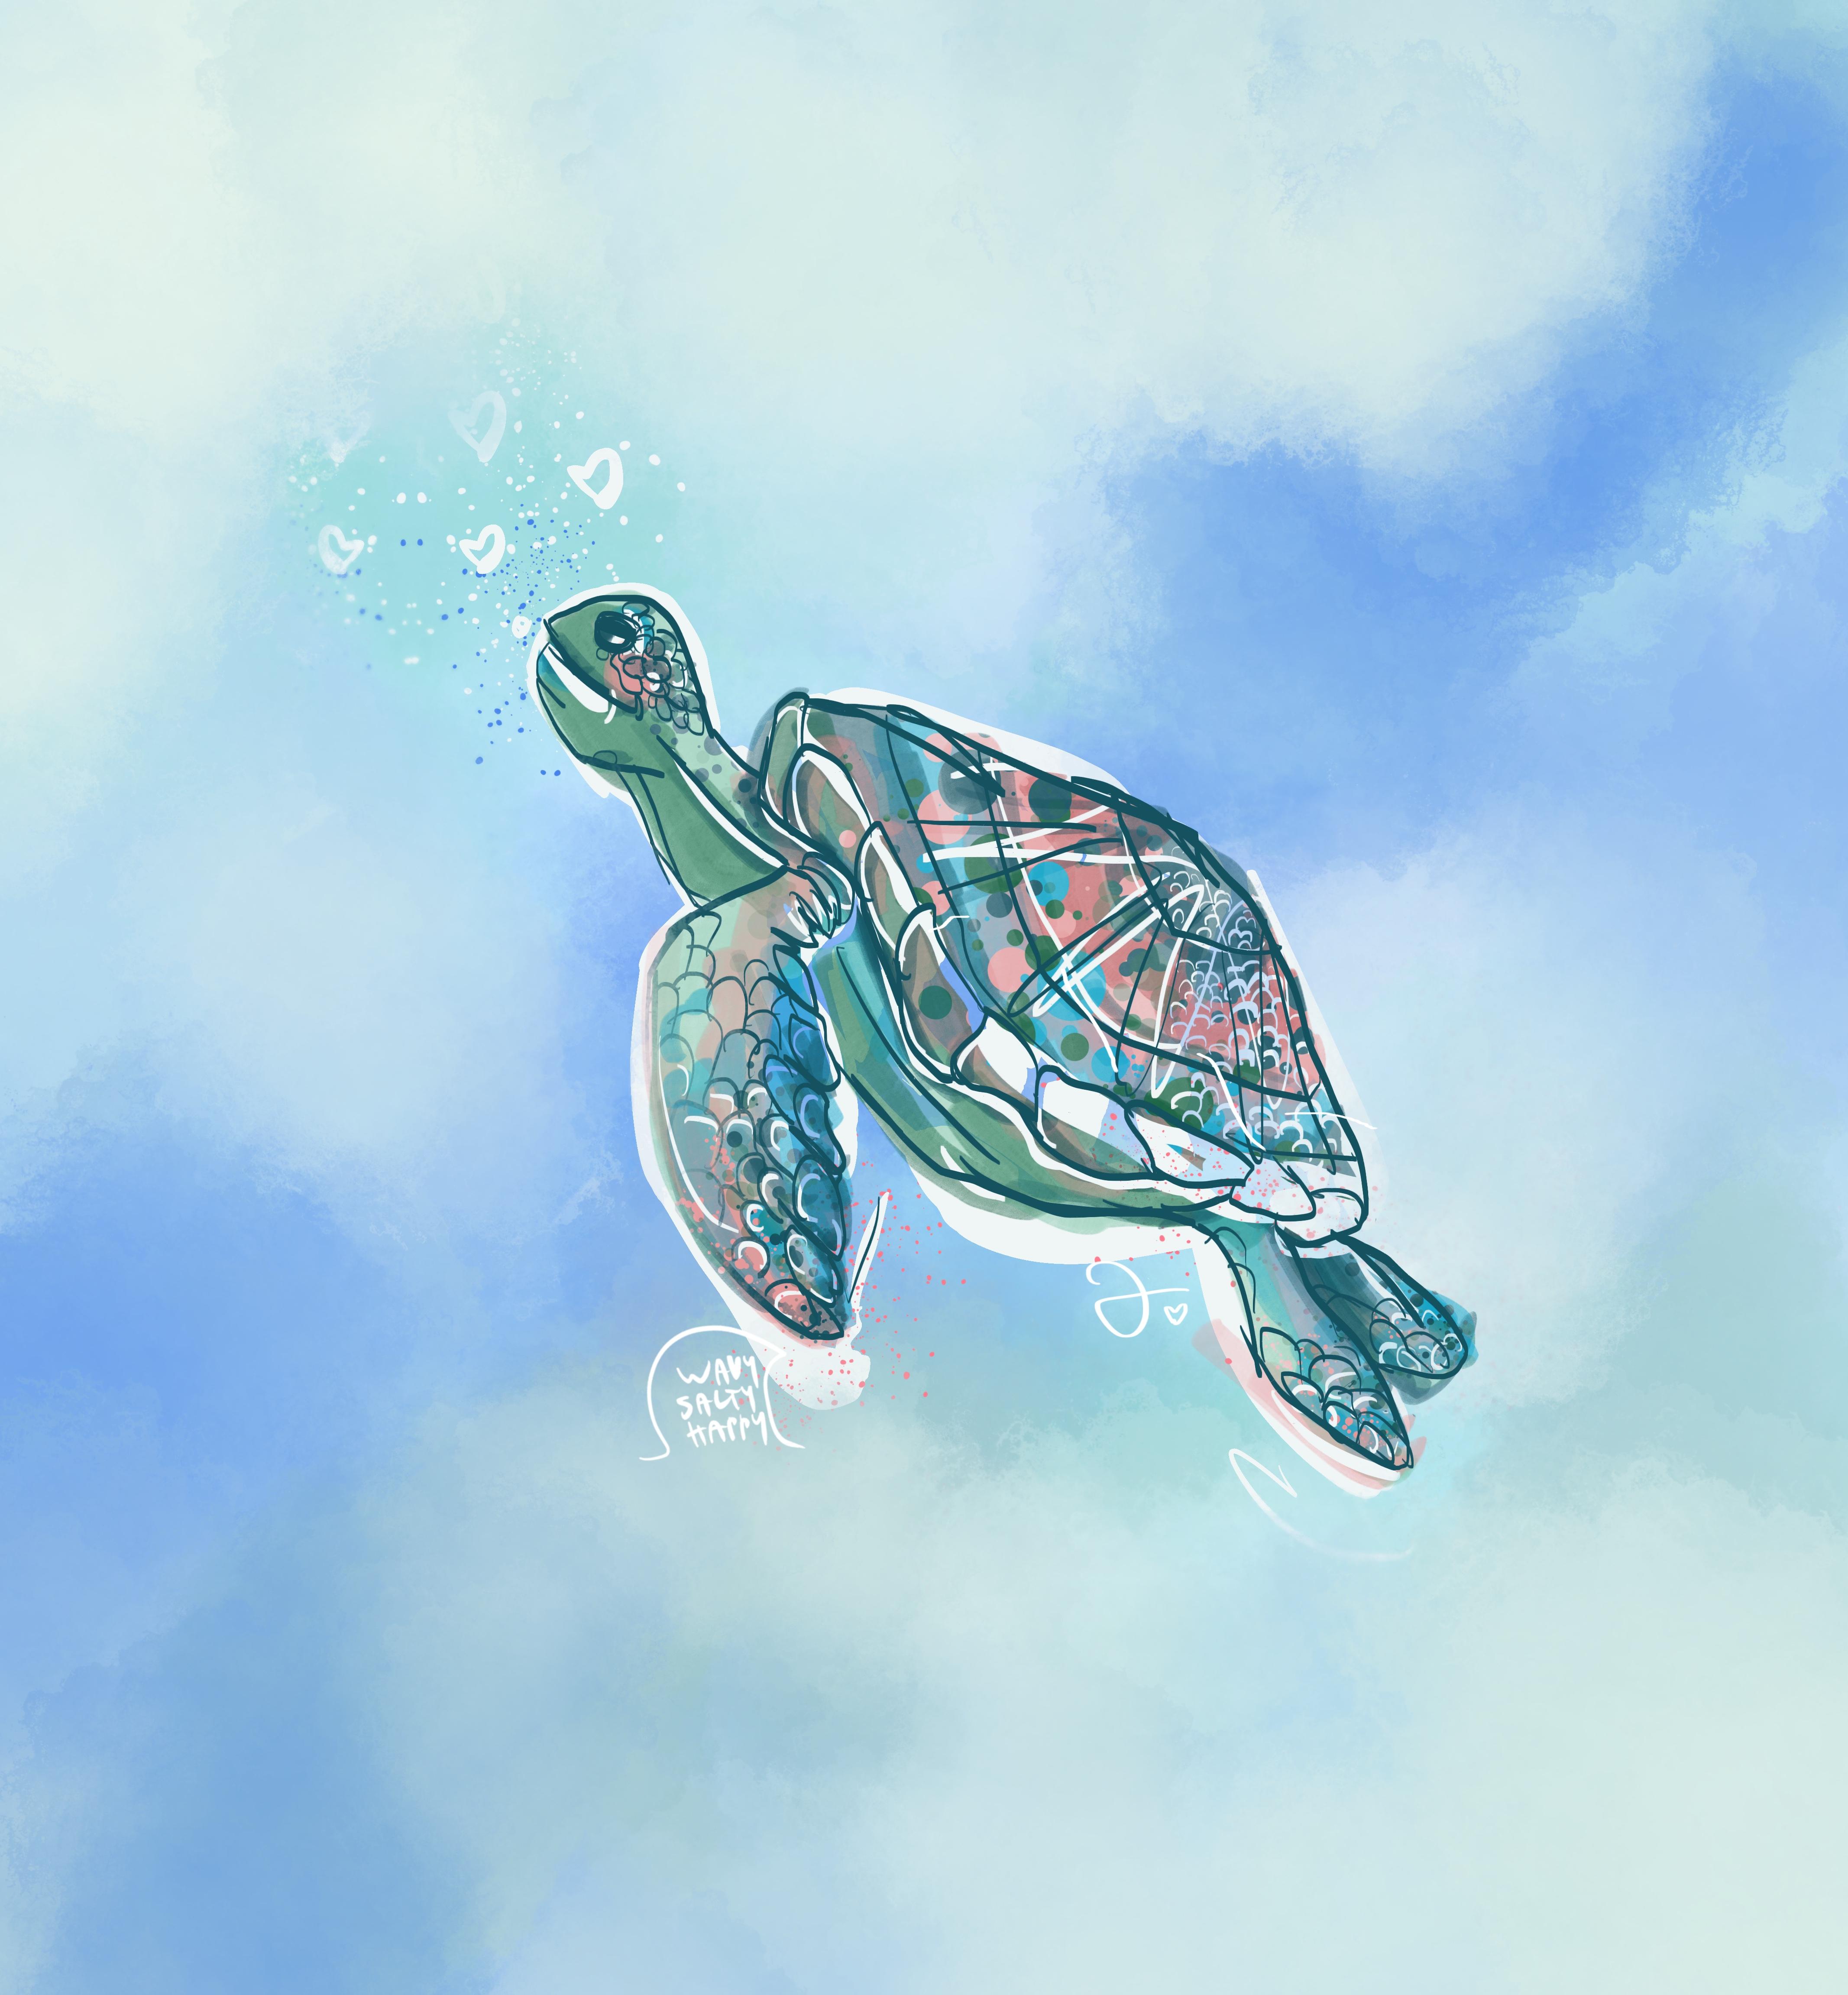 Larry the Happy Turtle